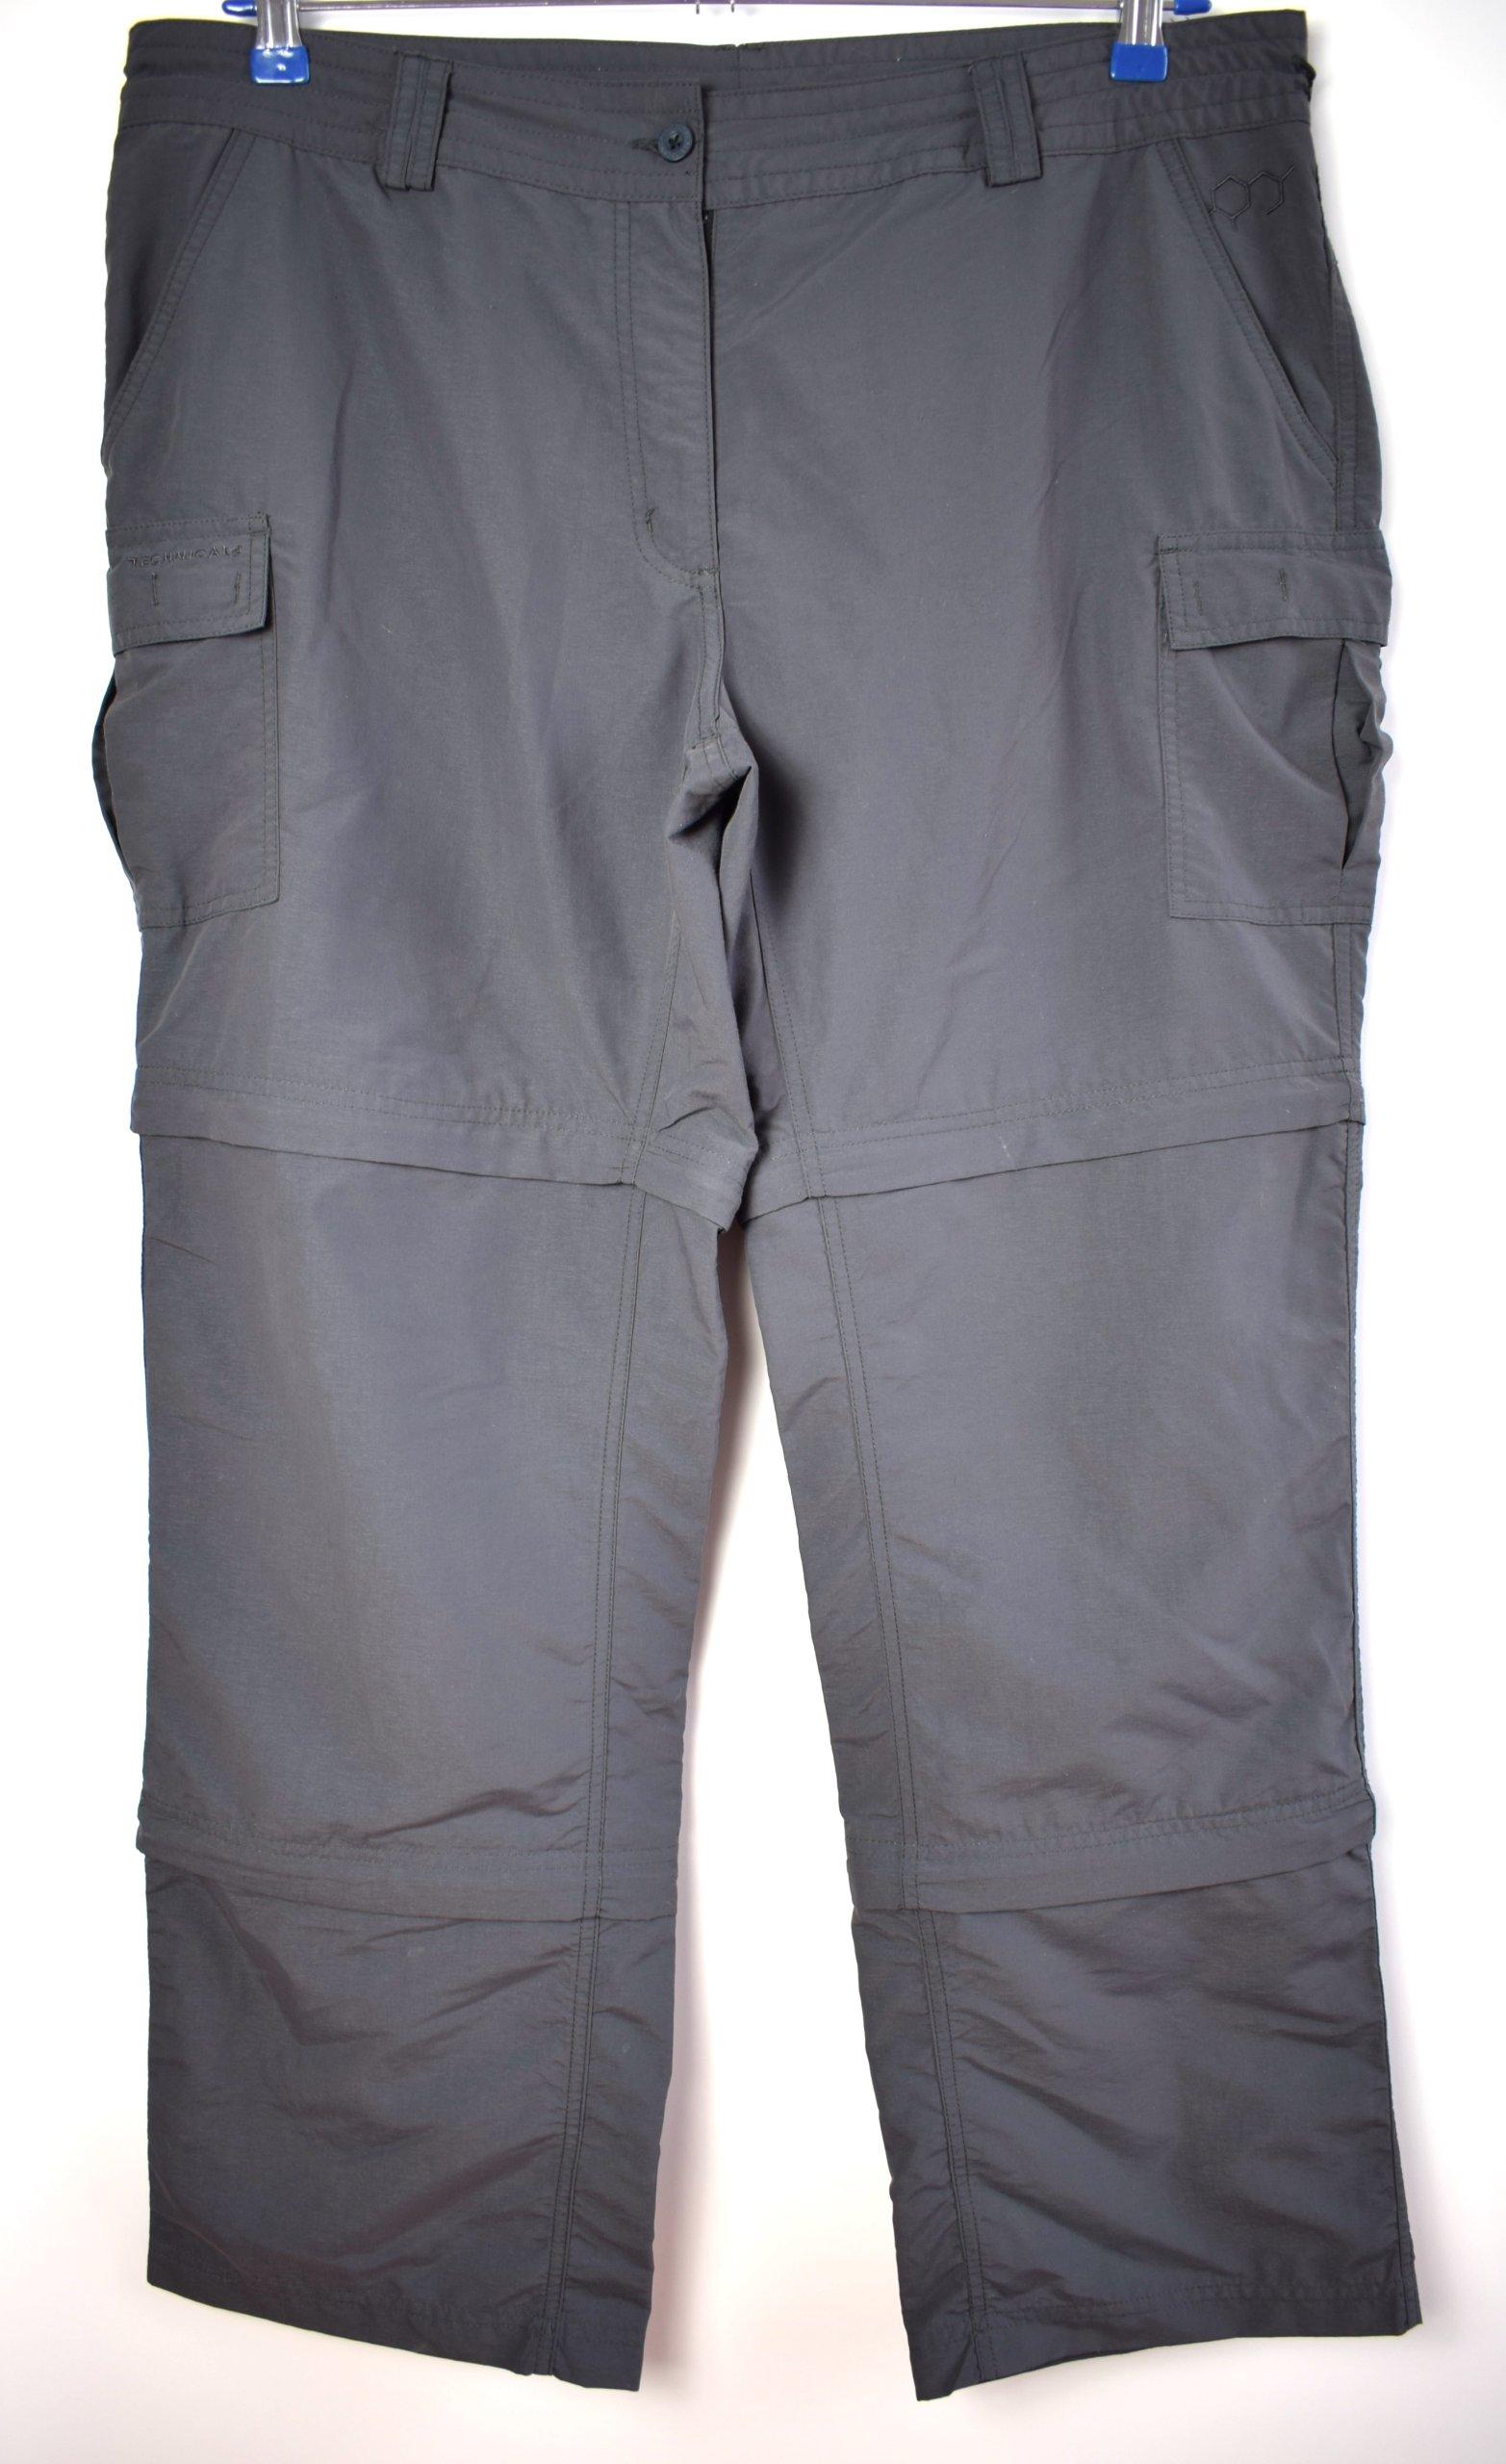 TECHNICALS Regular spodnie 3w1 roz. xxl